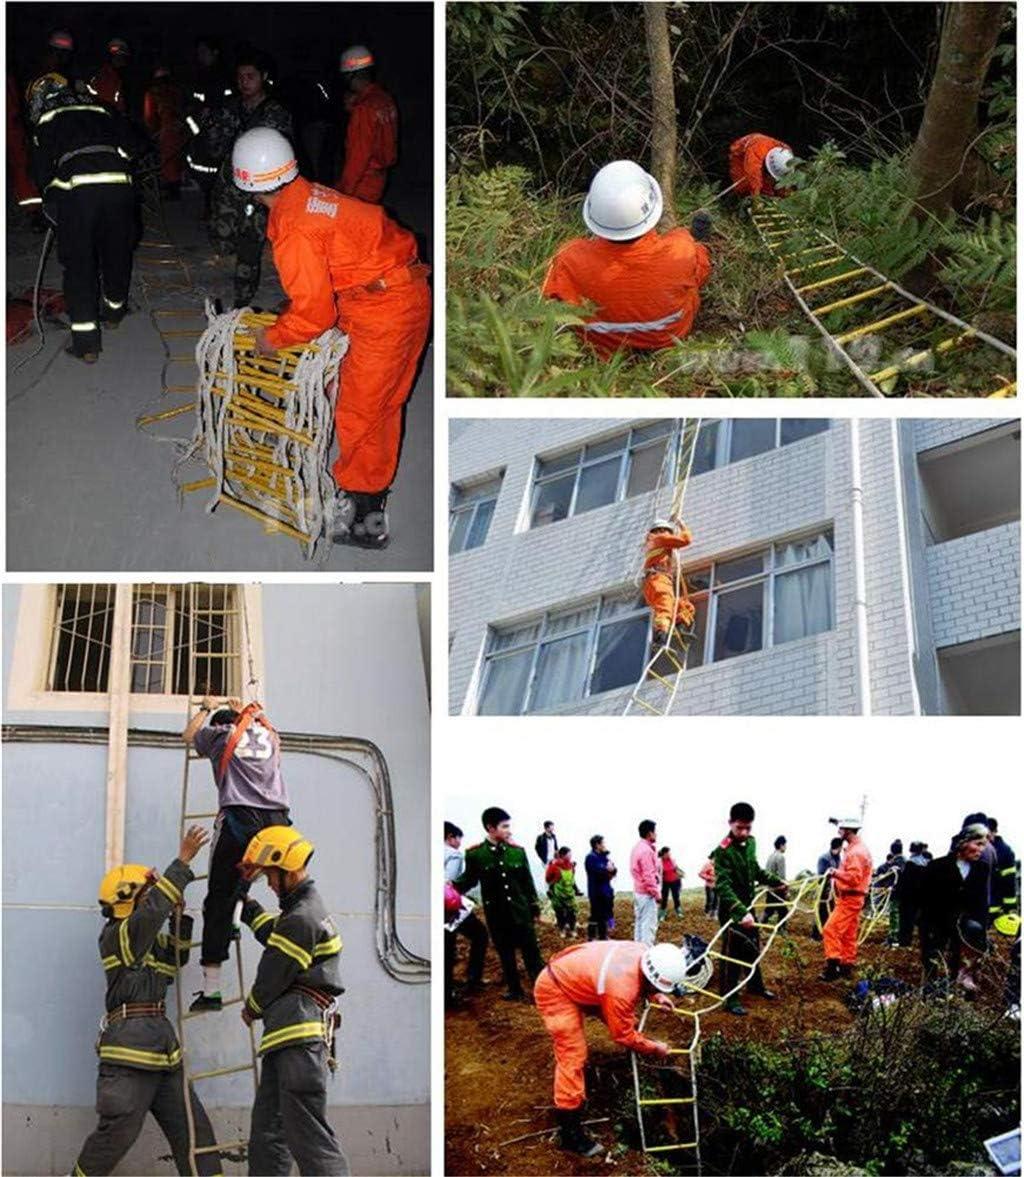 Rettungsleiter Bergsteiger-Trainingsleiter WGE Rettungsseilleiter Fluchtnotfallarbeit Anti-Rutsch-Rettungsleiter